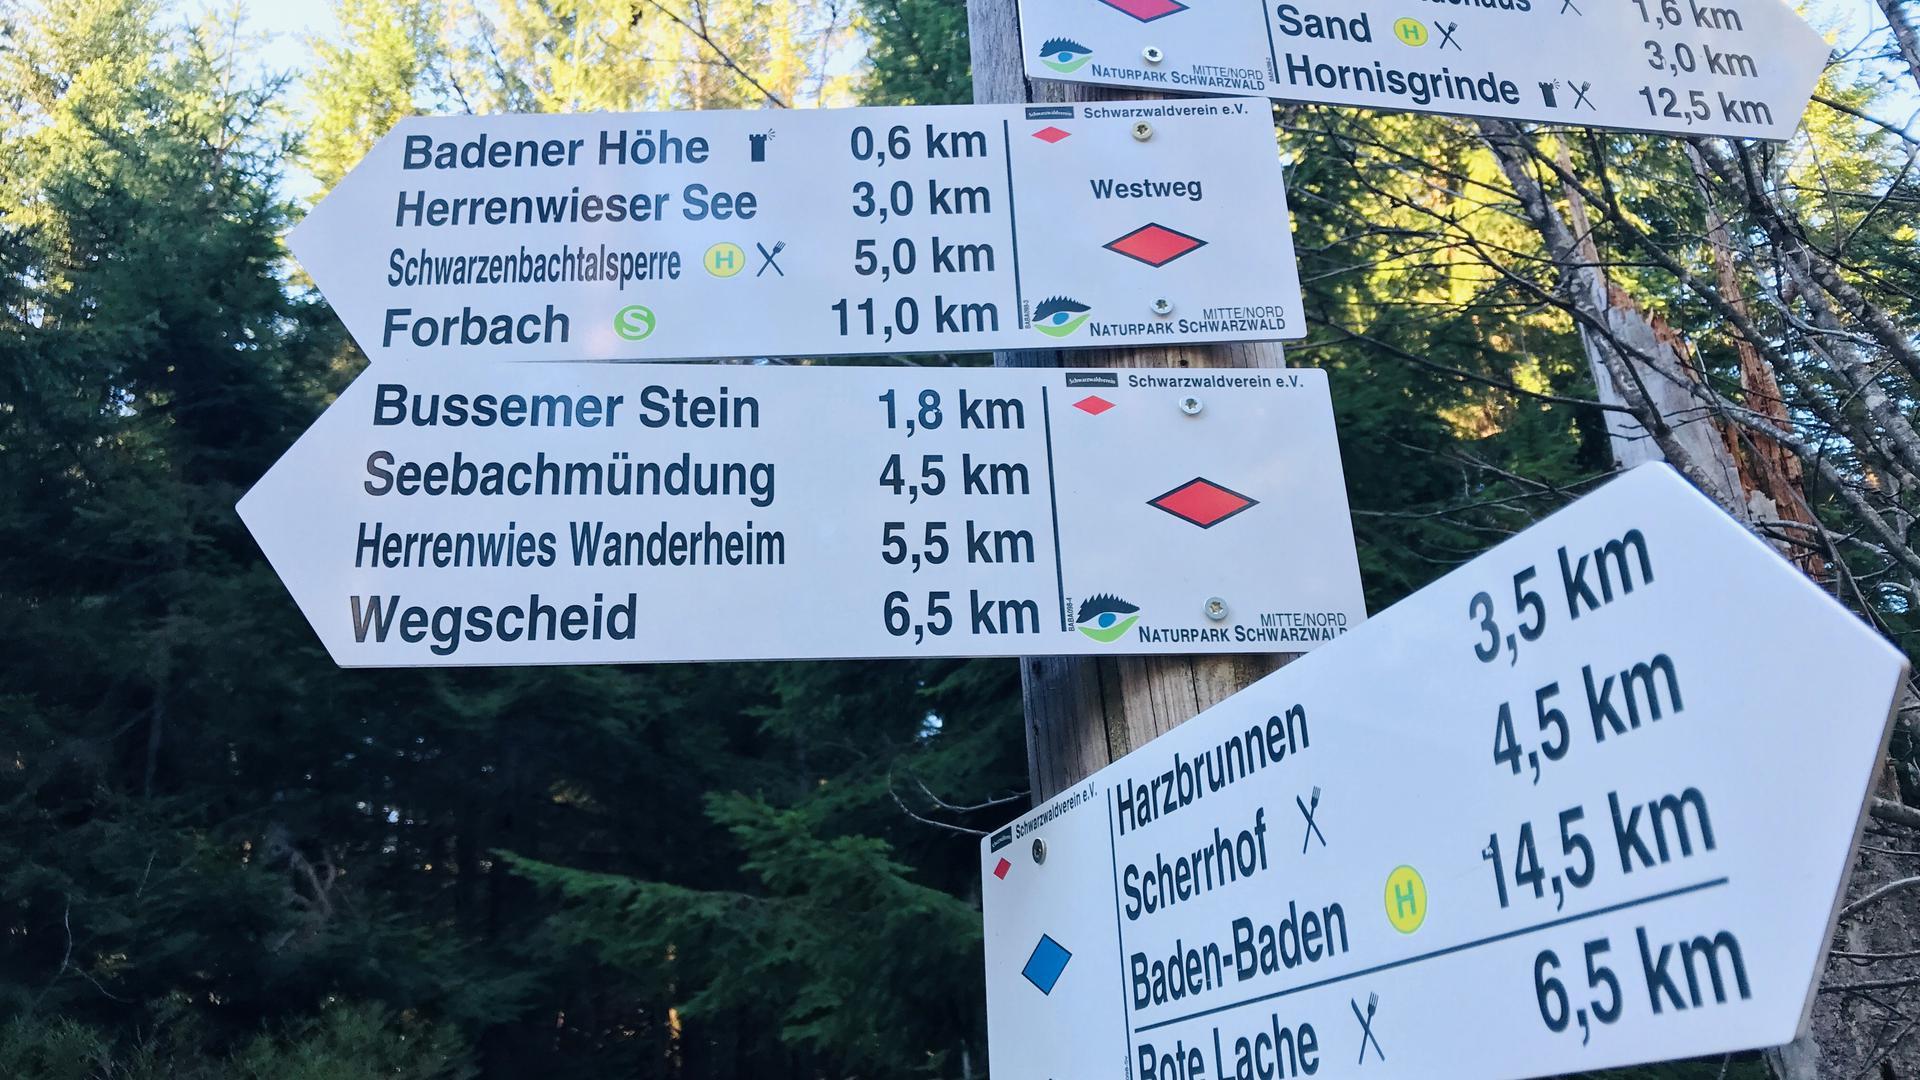 Wo soll es hingehen? Das Netz an Wanderwegen ist auch im nördlichen Teil des Nationalpark Schwarzwald groß. Höchster Punkt Baden-Badens ist mit 1.002,5 Meter Höhe die Badener Höhe.